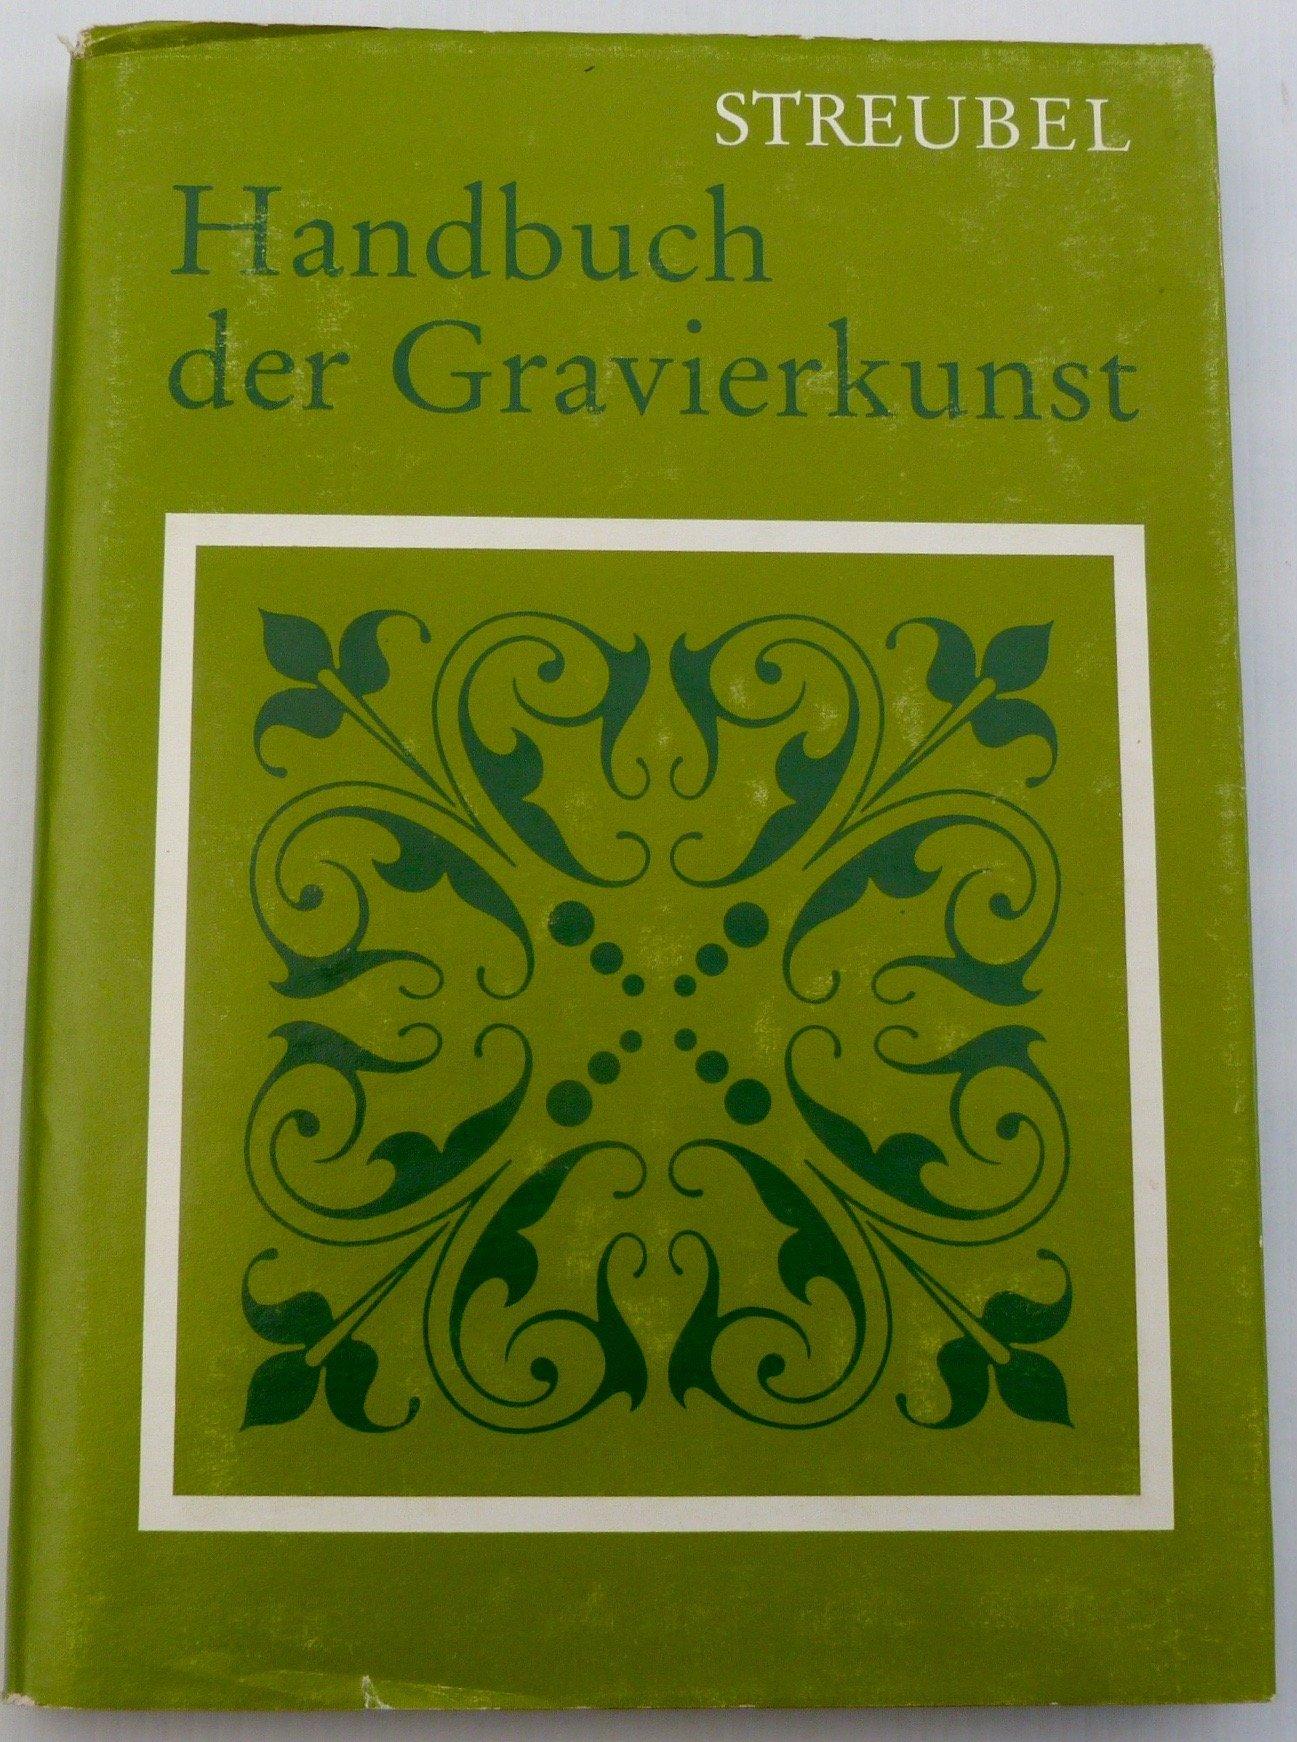 Handbuch der Gravierkunst